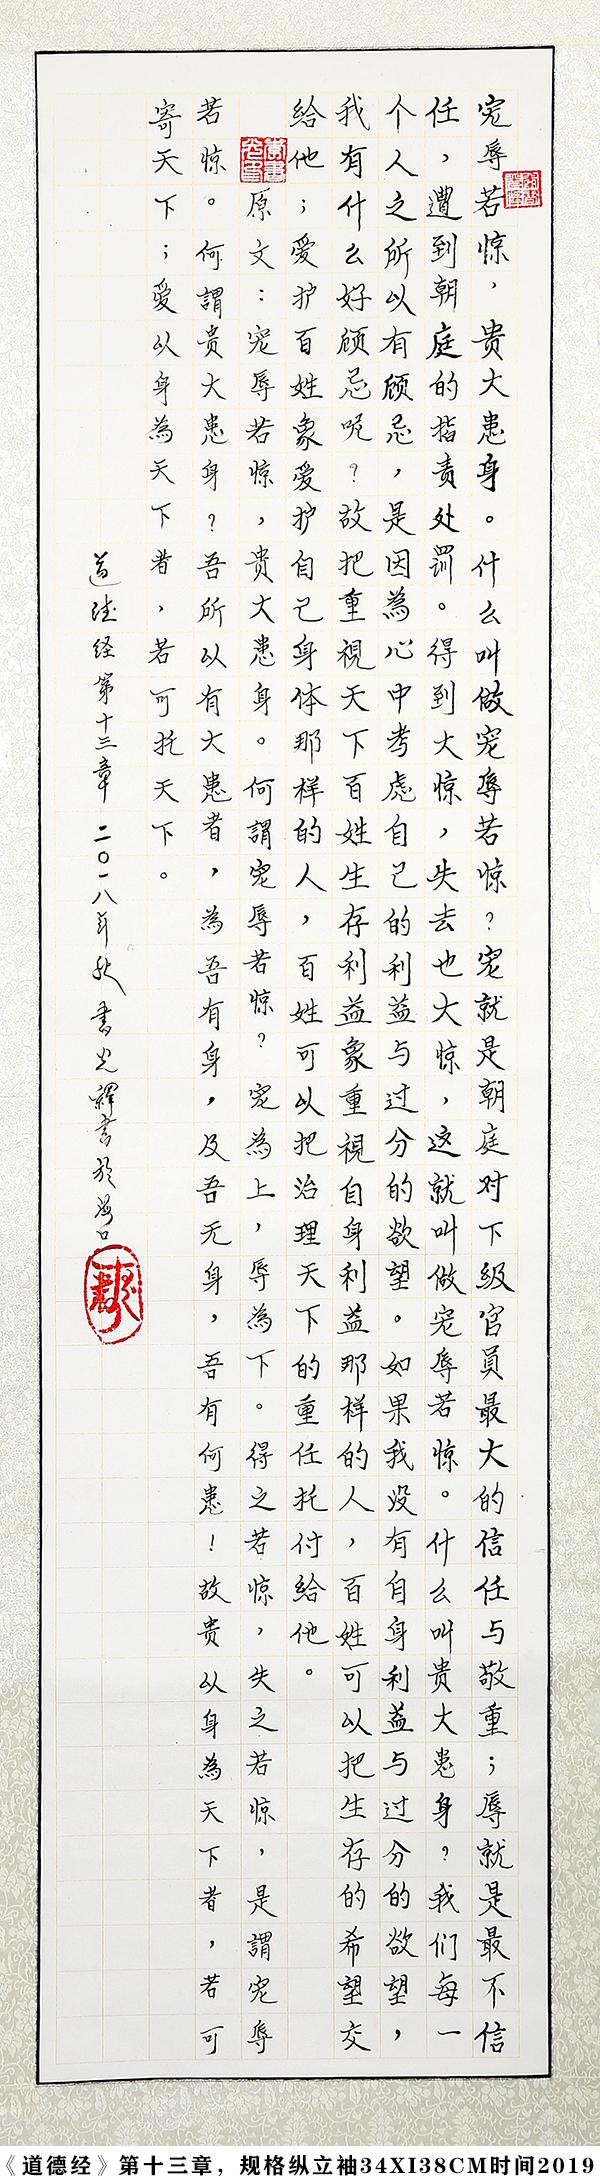 艺览天下·经典流传·两会形象大使李书光作品赏析